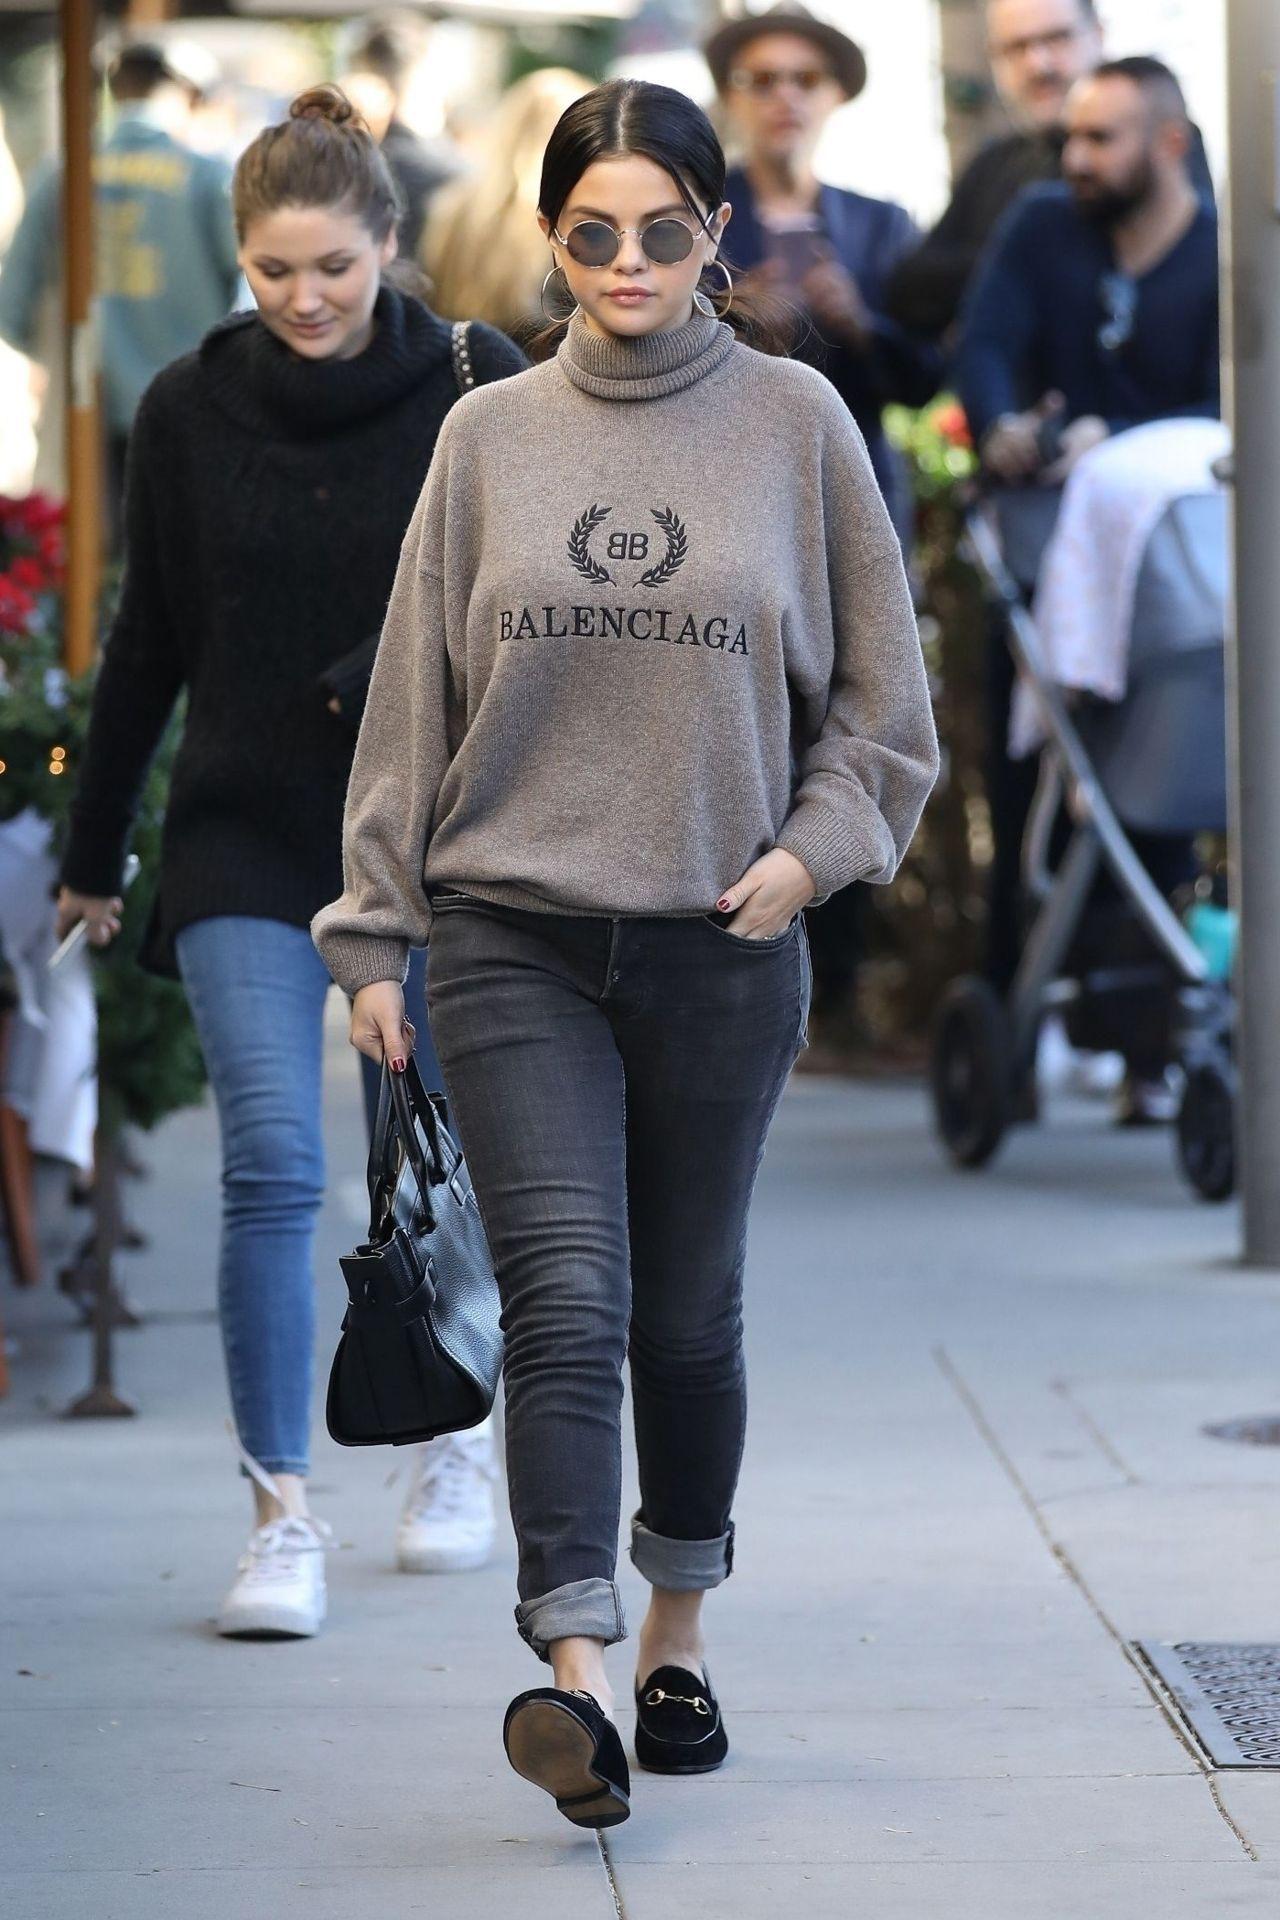 Predownload: Selena Gomez Wears A Balenciaga Sweatshirt Selena Gomez Outfits Selena Gomez Street Style Fashion [ 1920 x 1280 Pixel ]